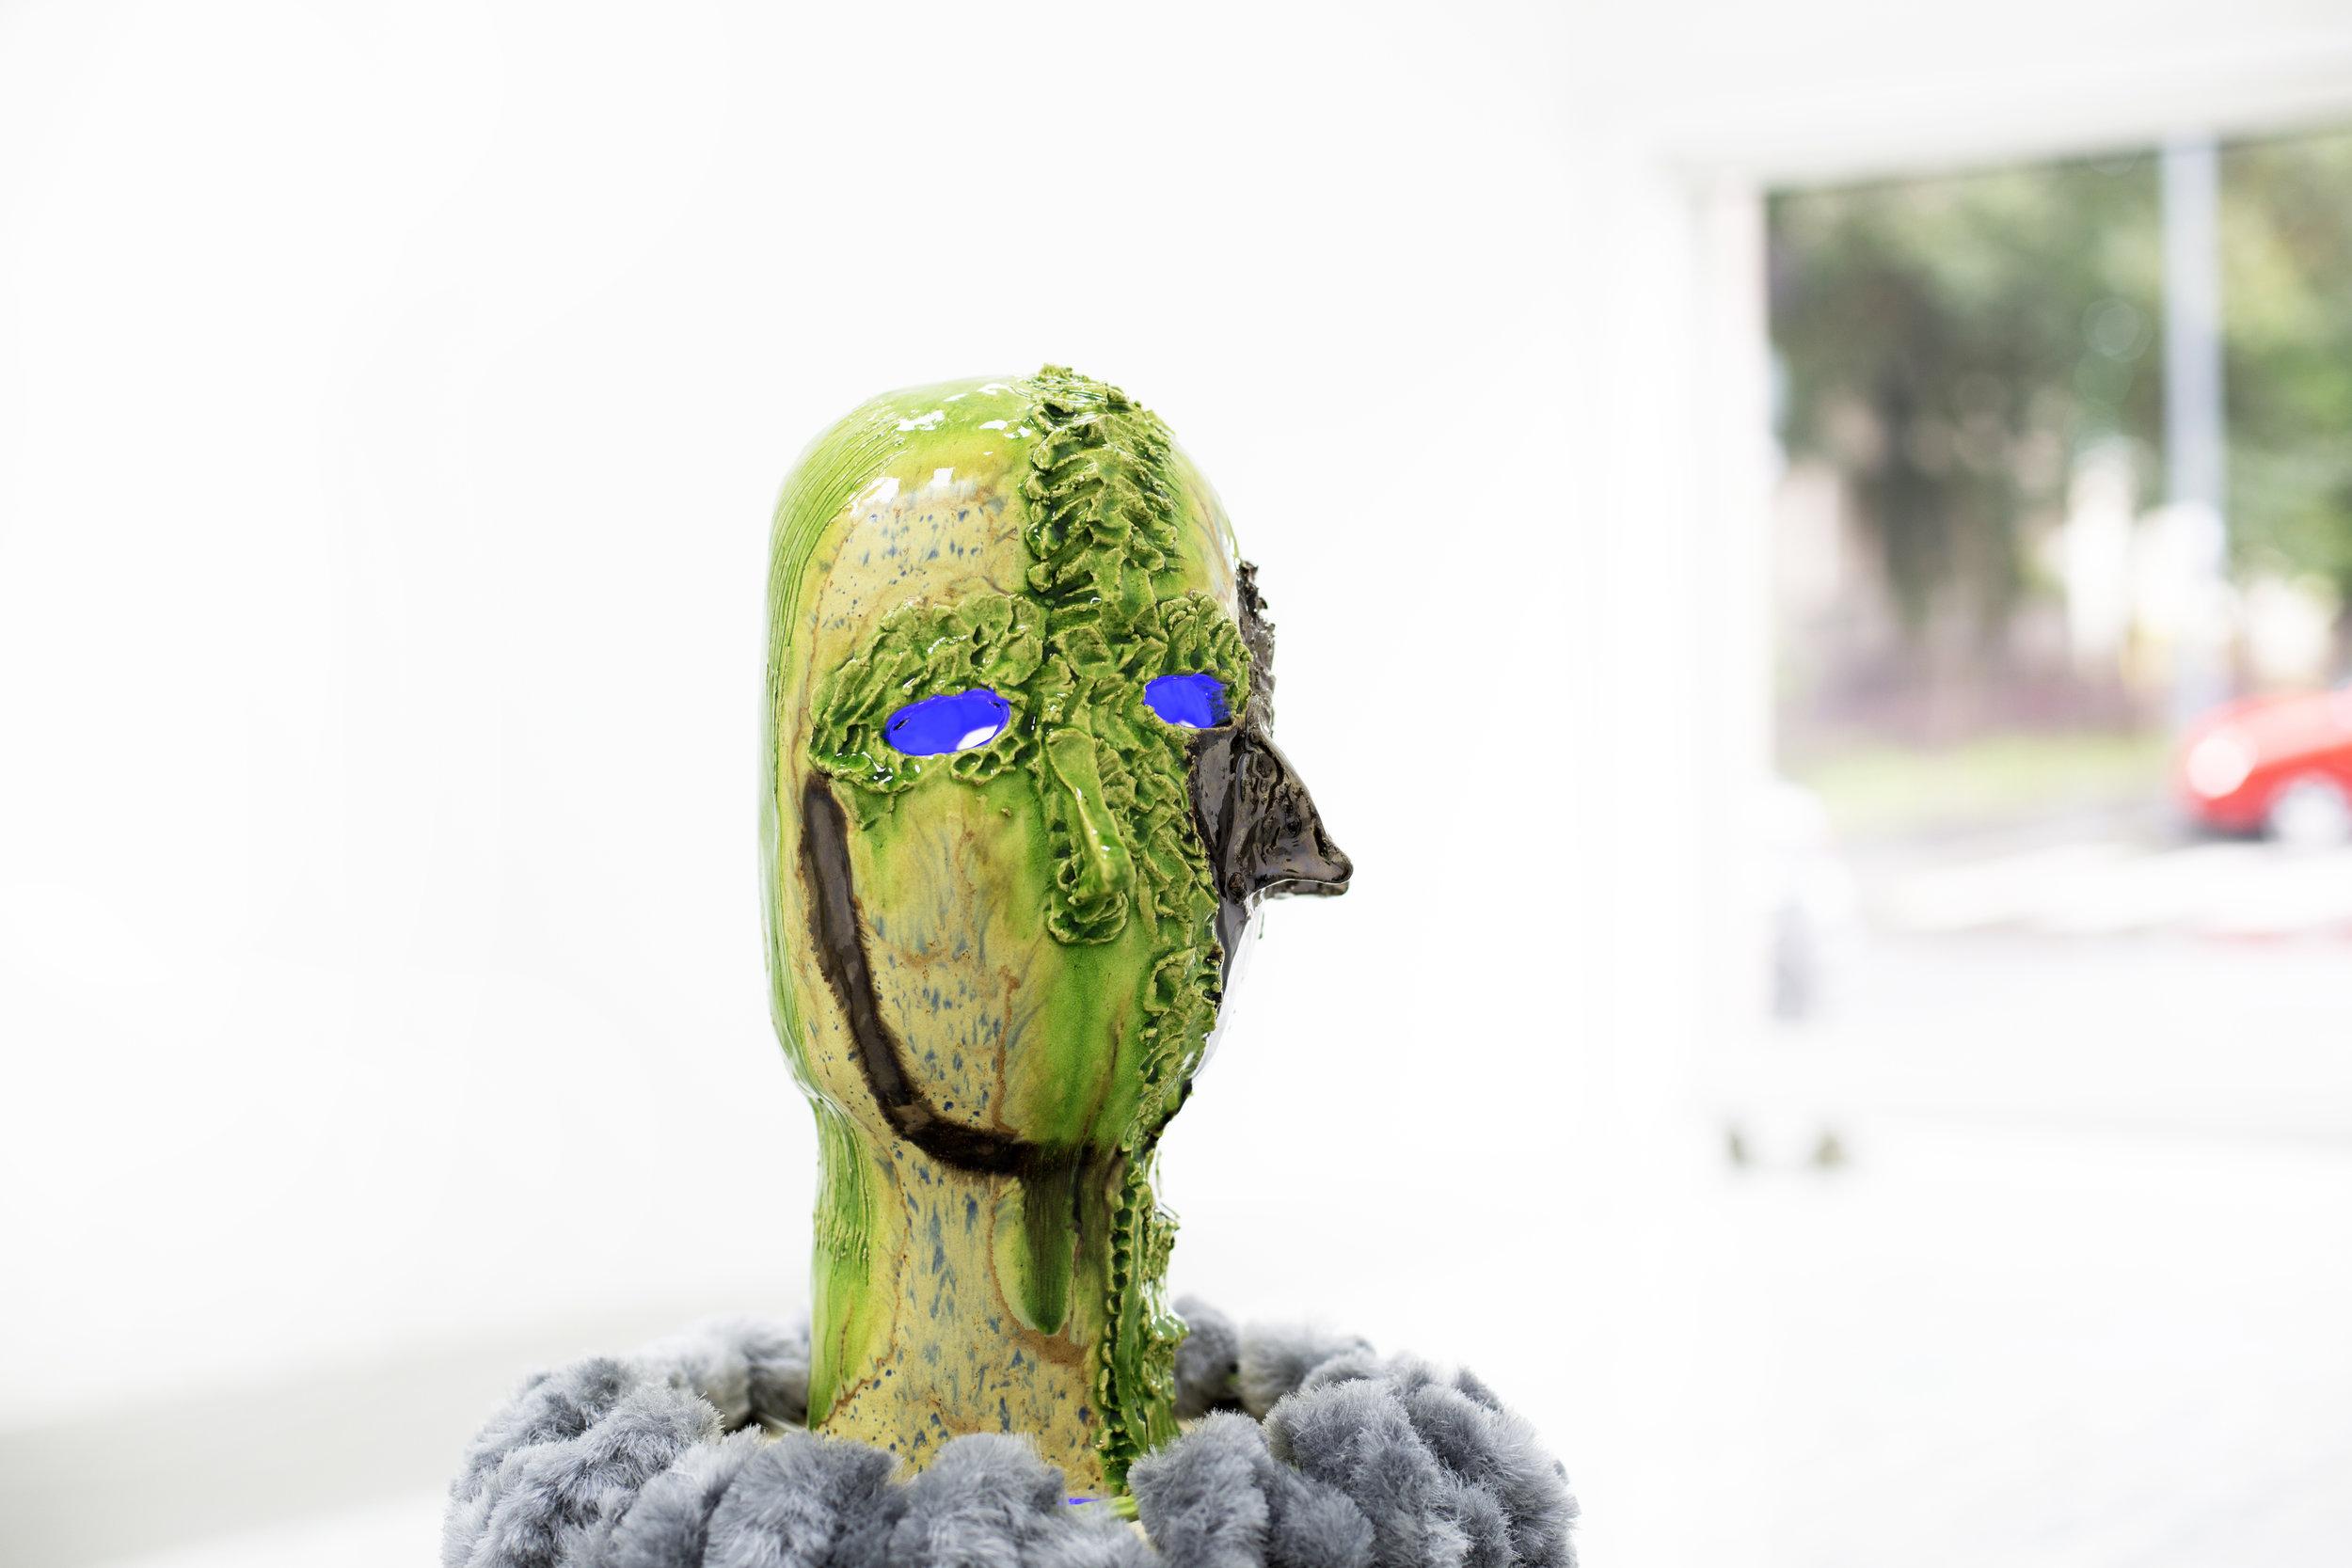 13 Giusy Pirrotta TAIXUNIA exhibition view, Dimora Artica.jpg